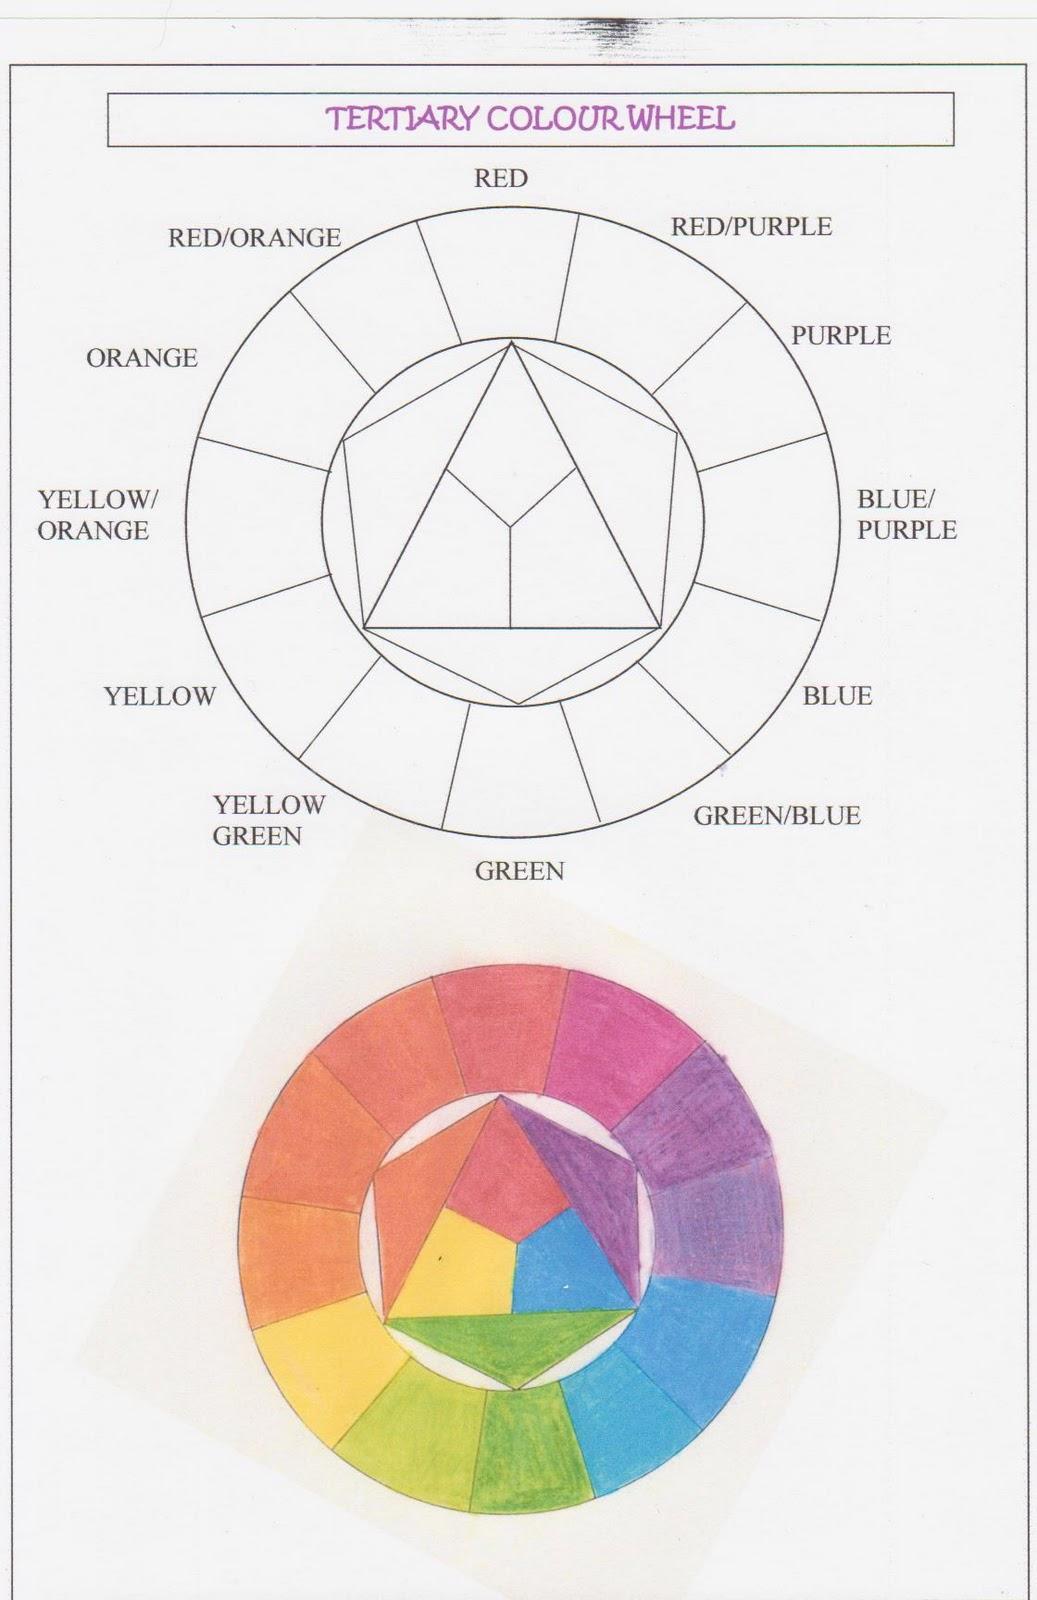 Precious Worker Tertiary Colour Wheel